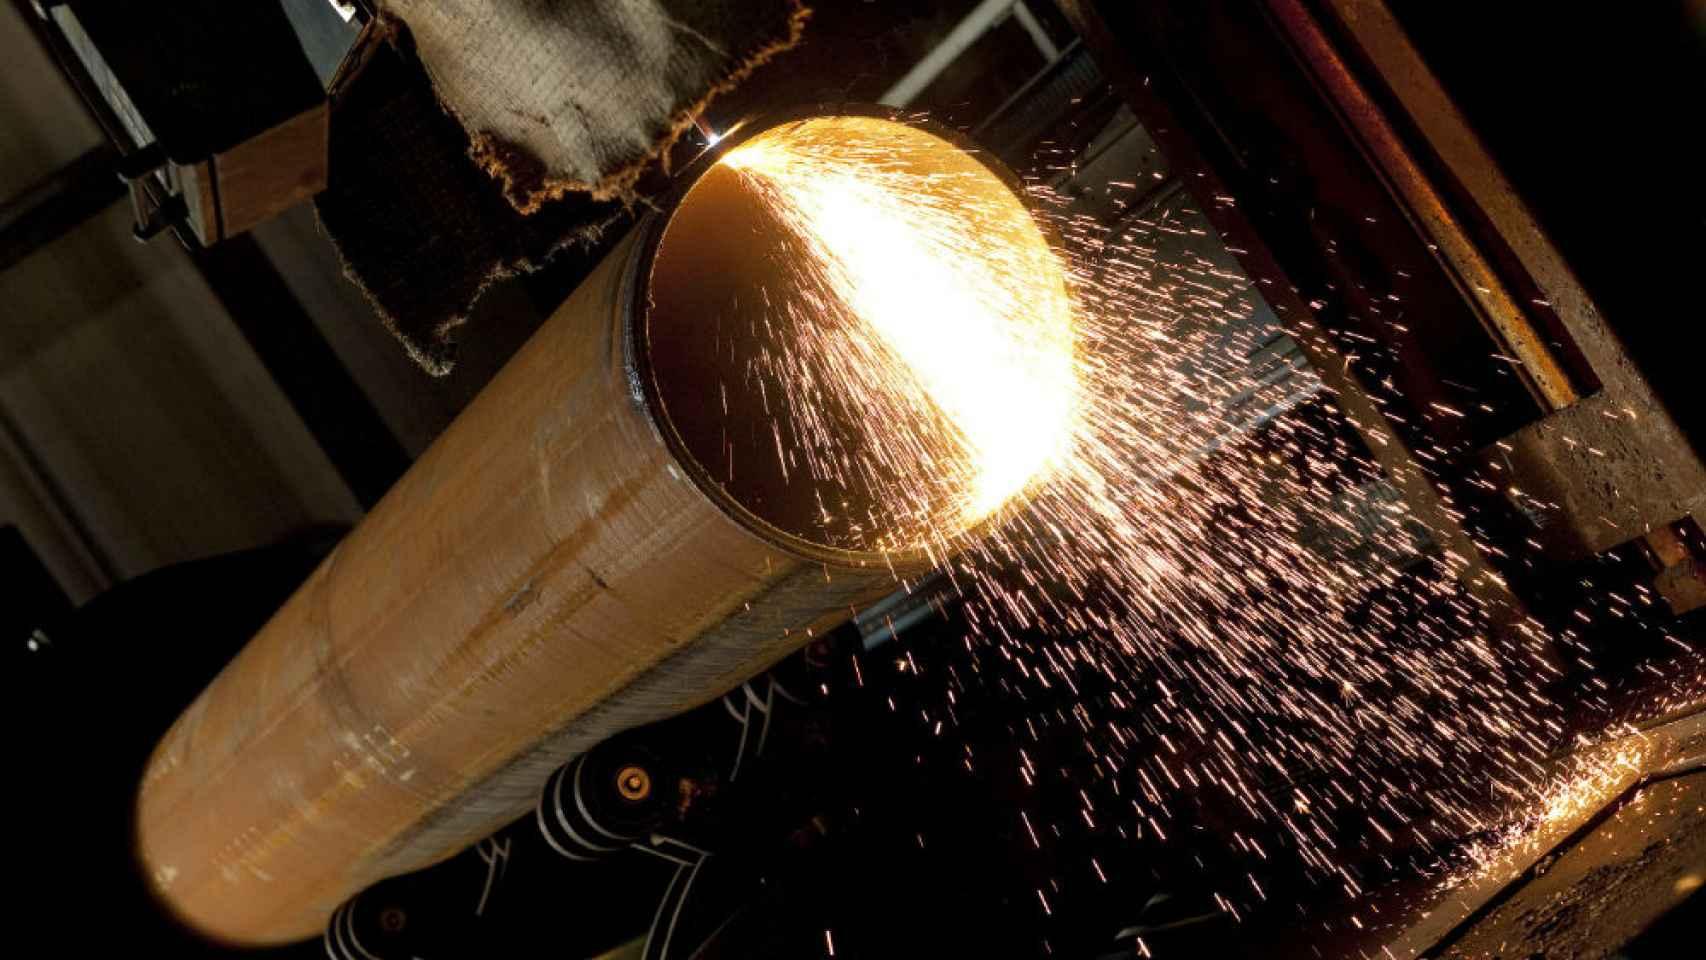 La siderurgia española atraviesa un momento muy delicado